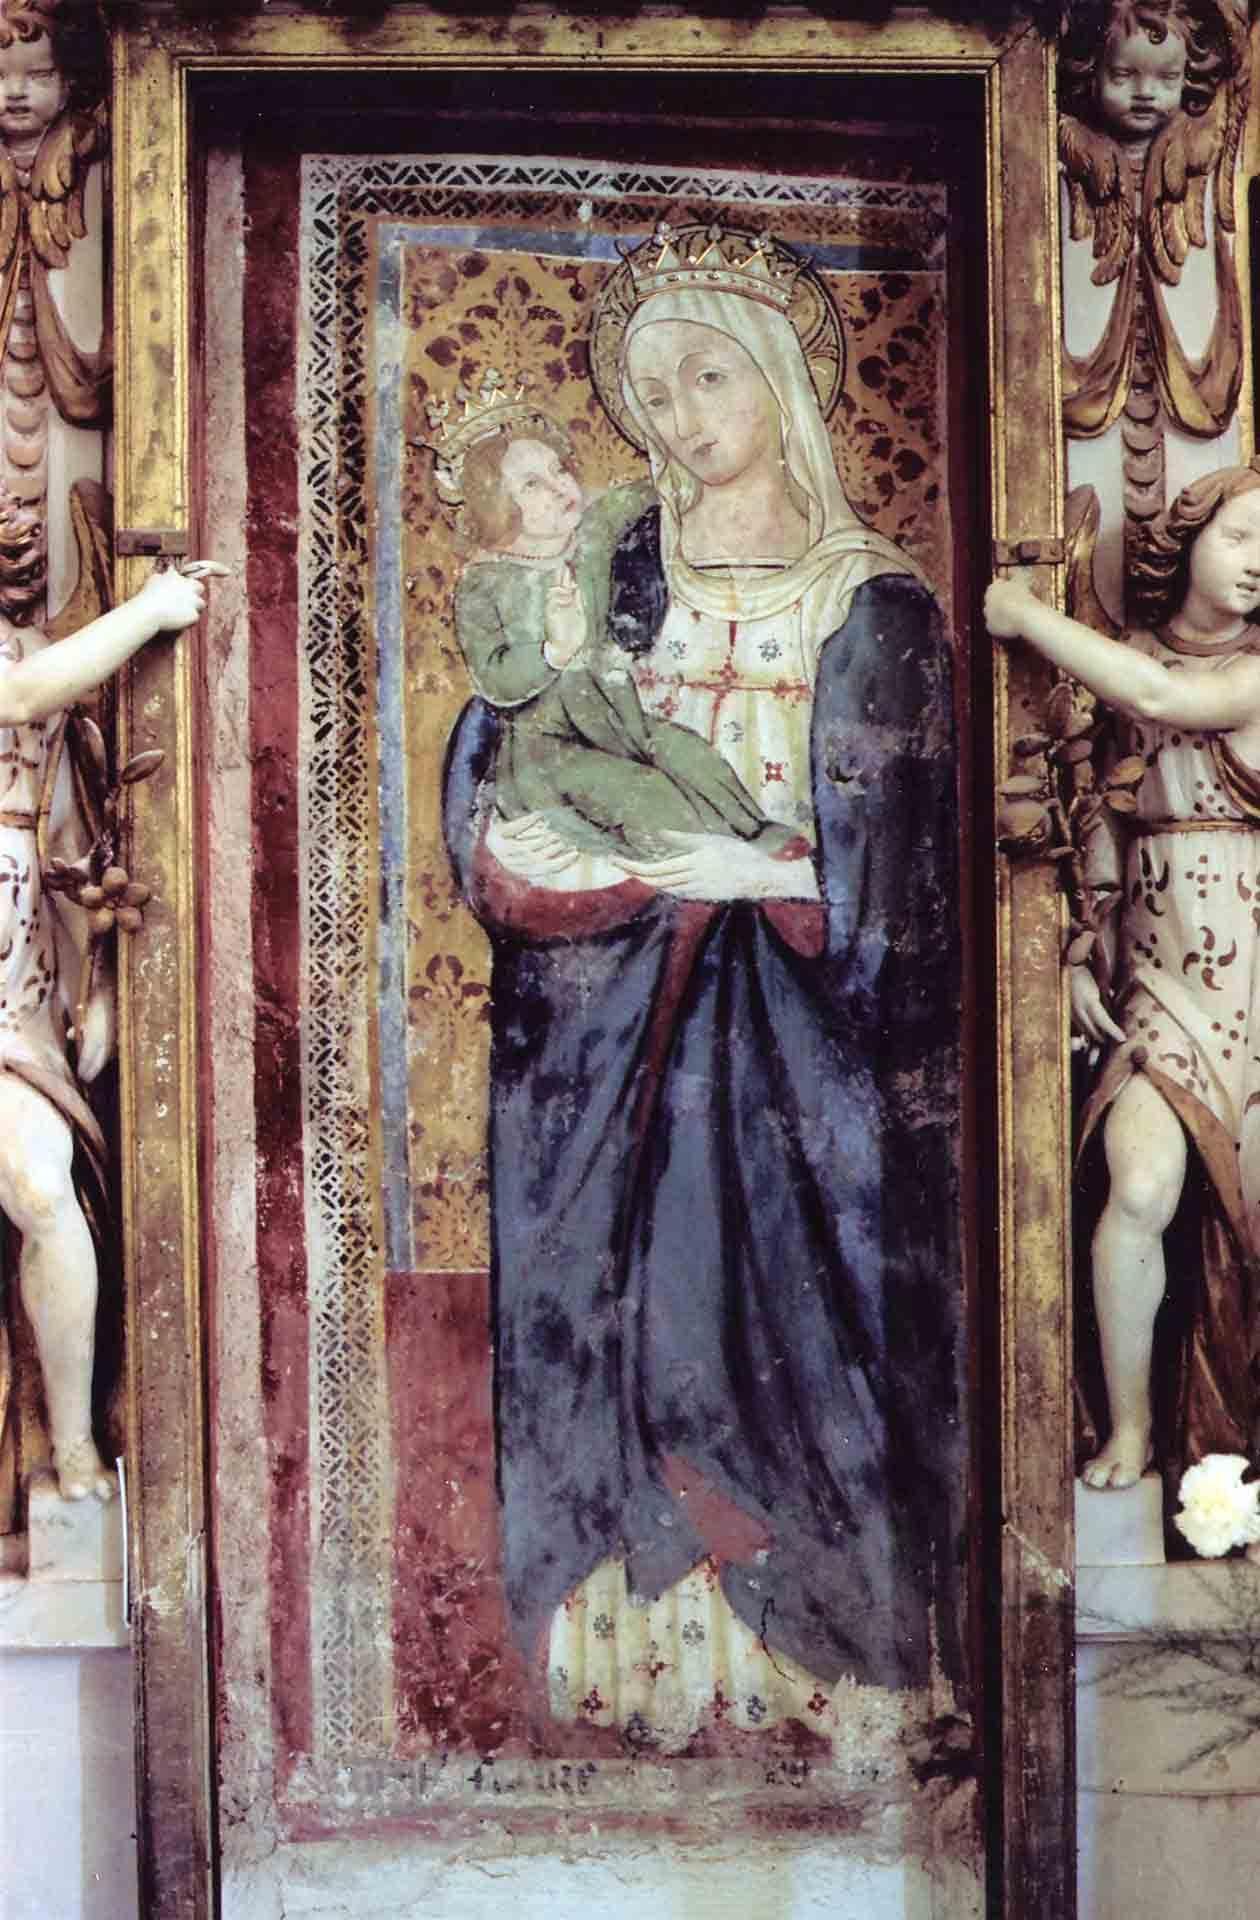 Migliori siti di incontri cattolici recensioni